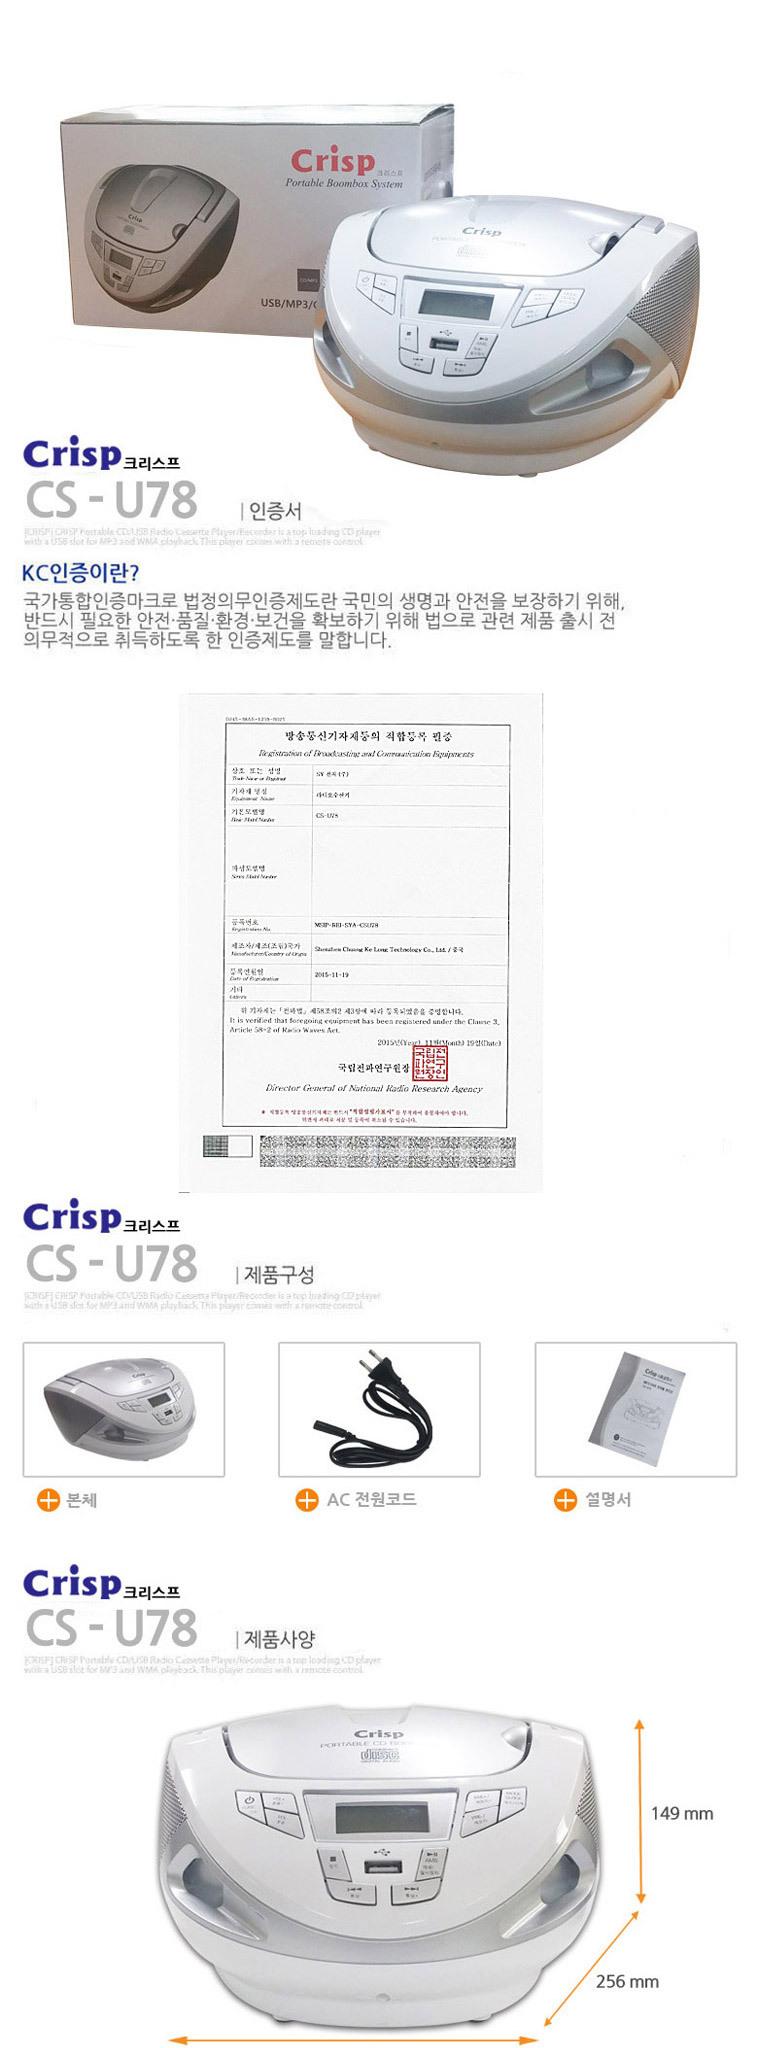 크리스프 USB/MP3/CD포터블플레이어 - 상세정보